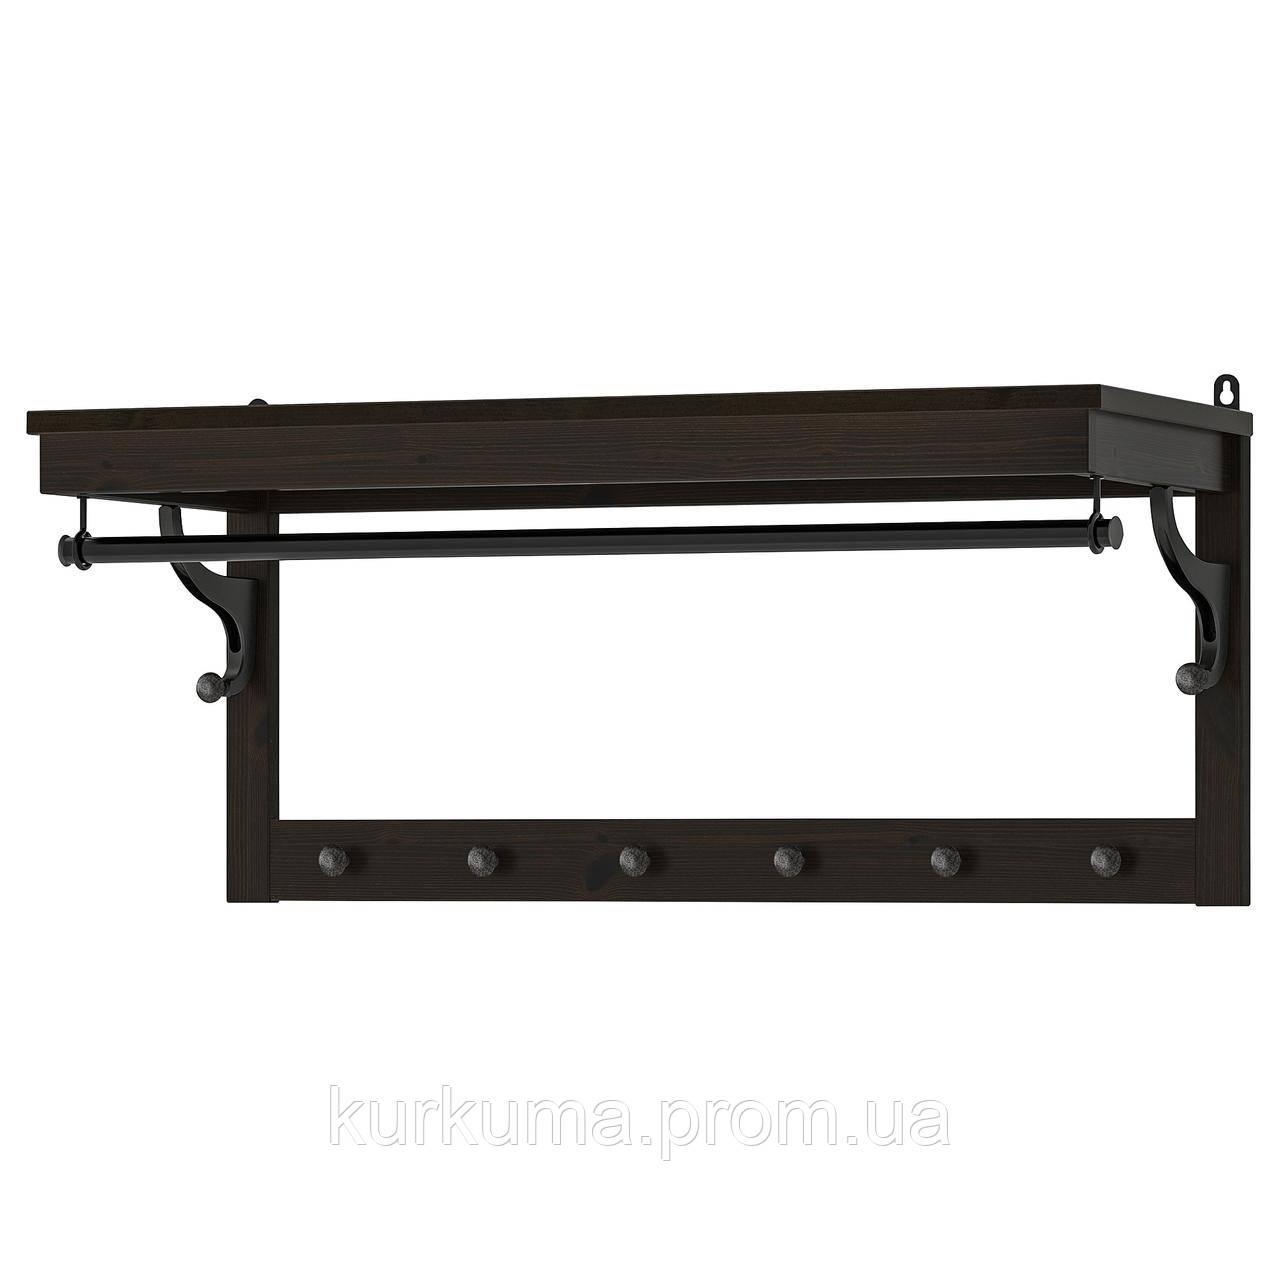 IKEA HEMNES Полка для головных уборов с крючками, черно-коричневая  (102.458.70)